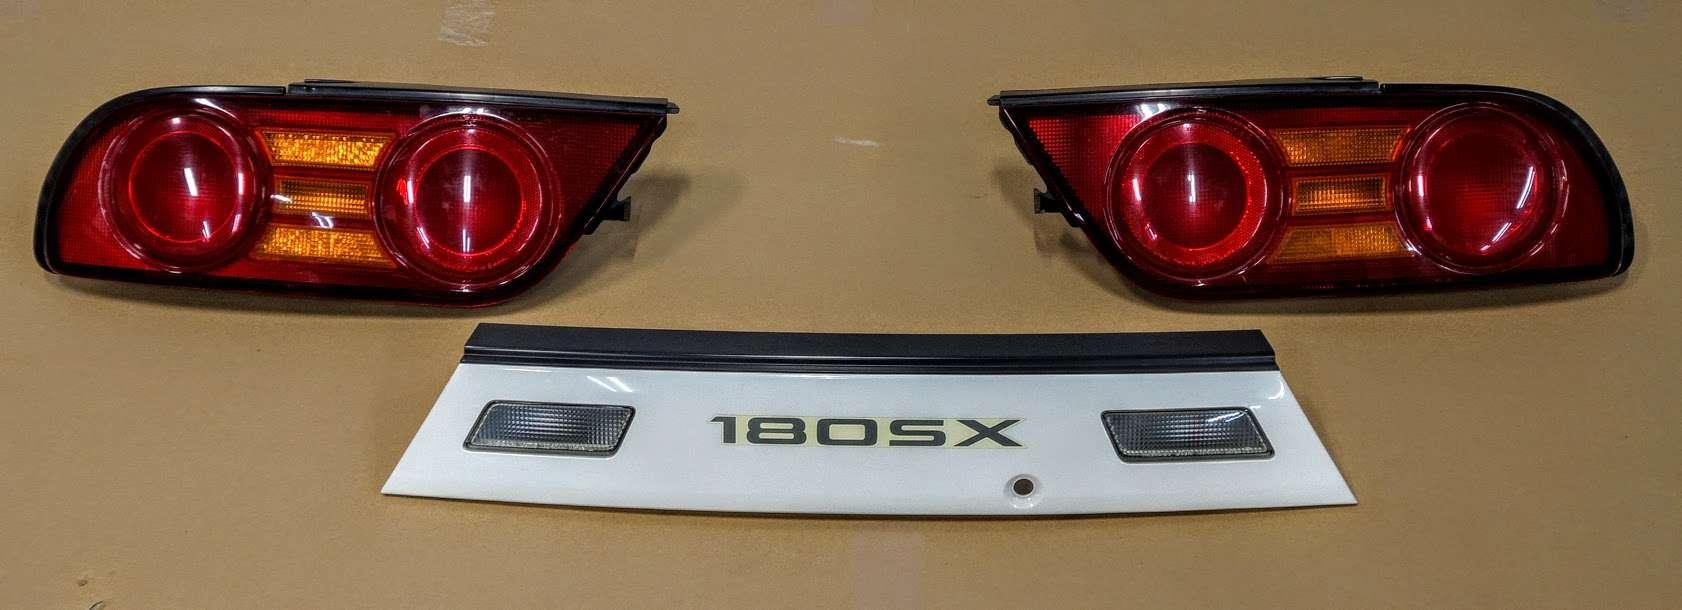 Nissan Tail lights +Garnish Silvia 180sx S13 kouki 240sx 200sx